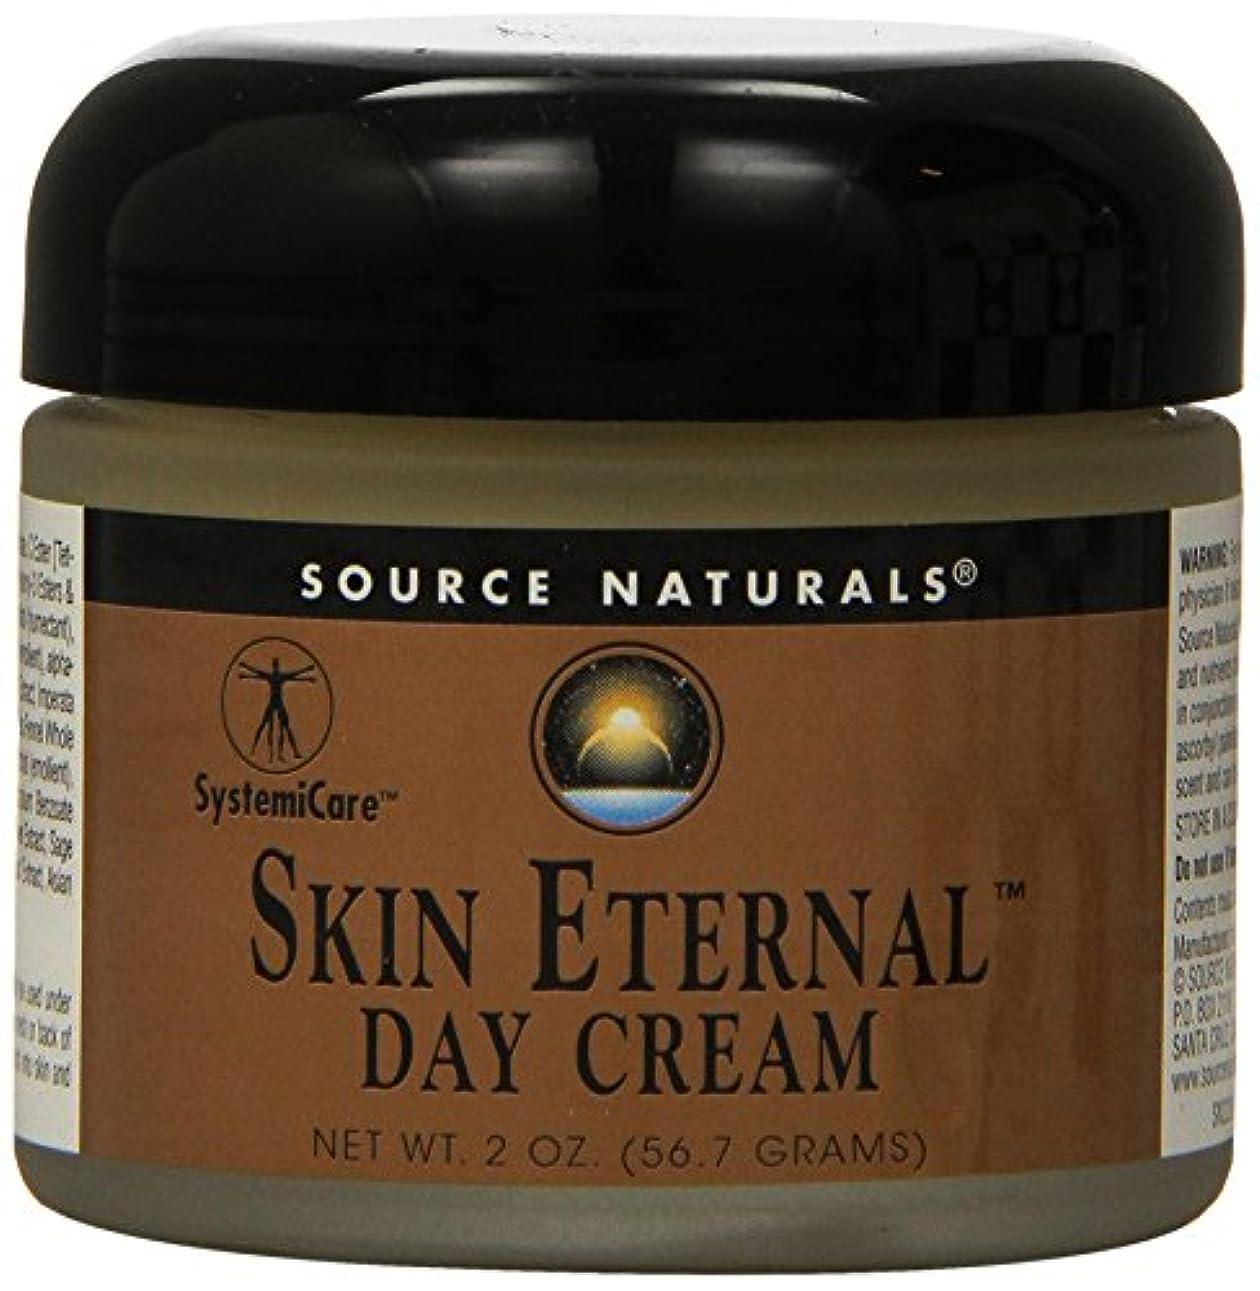 覆す主婦座標海外直送品 Source Naturals Skin Eternal Day Cream, 2 OZ